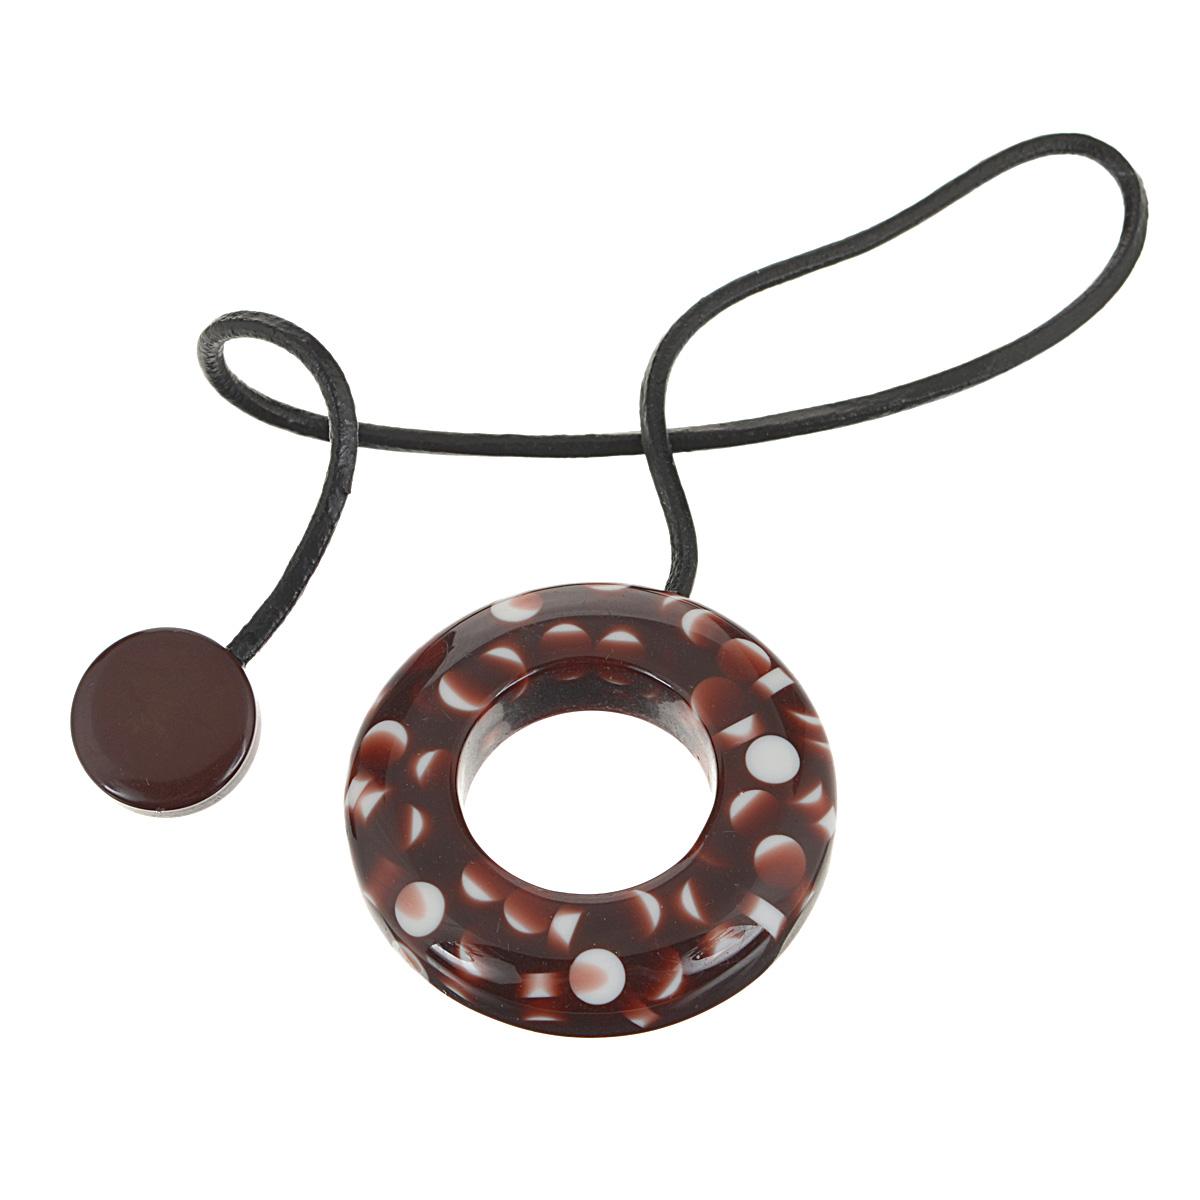 Подхват-магнит для органзы Embrasse, цвет: коричневый, белый. 7706113_81347706113_8134Клипса-магнит  Embrasse, изготовленная из пластика и кожи, предназначена для придания формы шторам. Изделие представляет собой два магнита, расположенные на разных концах кожаного шнурка. С одной стороны магнит оформлен декоративным кольцом. С помощью такой магнитной клипсы можно зафиксировать портьеры, придать им требуемое положение, сделать складки симметричными или приблизить портьеры, скрепить их. Клипсы для штор являются универсальным изделием, которое превосходно подойдет как для штор в детской комнате, так и для штор в гостиной. Следует отметить, что клипсы для штор выполняют не только практическую функцию, но также являются одной из основных деталей декора этого изделия, которая придает шторам восхитительный, стильный внешний вид. Материал: пластик, кожа, магнит.Диаметр кольца: 5,5 см.Диаметр магнита: 2 см.Длина ленты: 28 см.